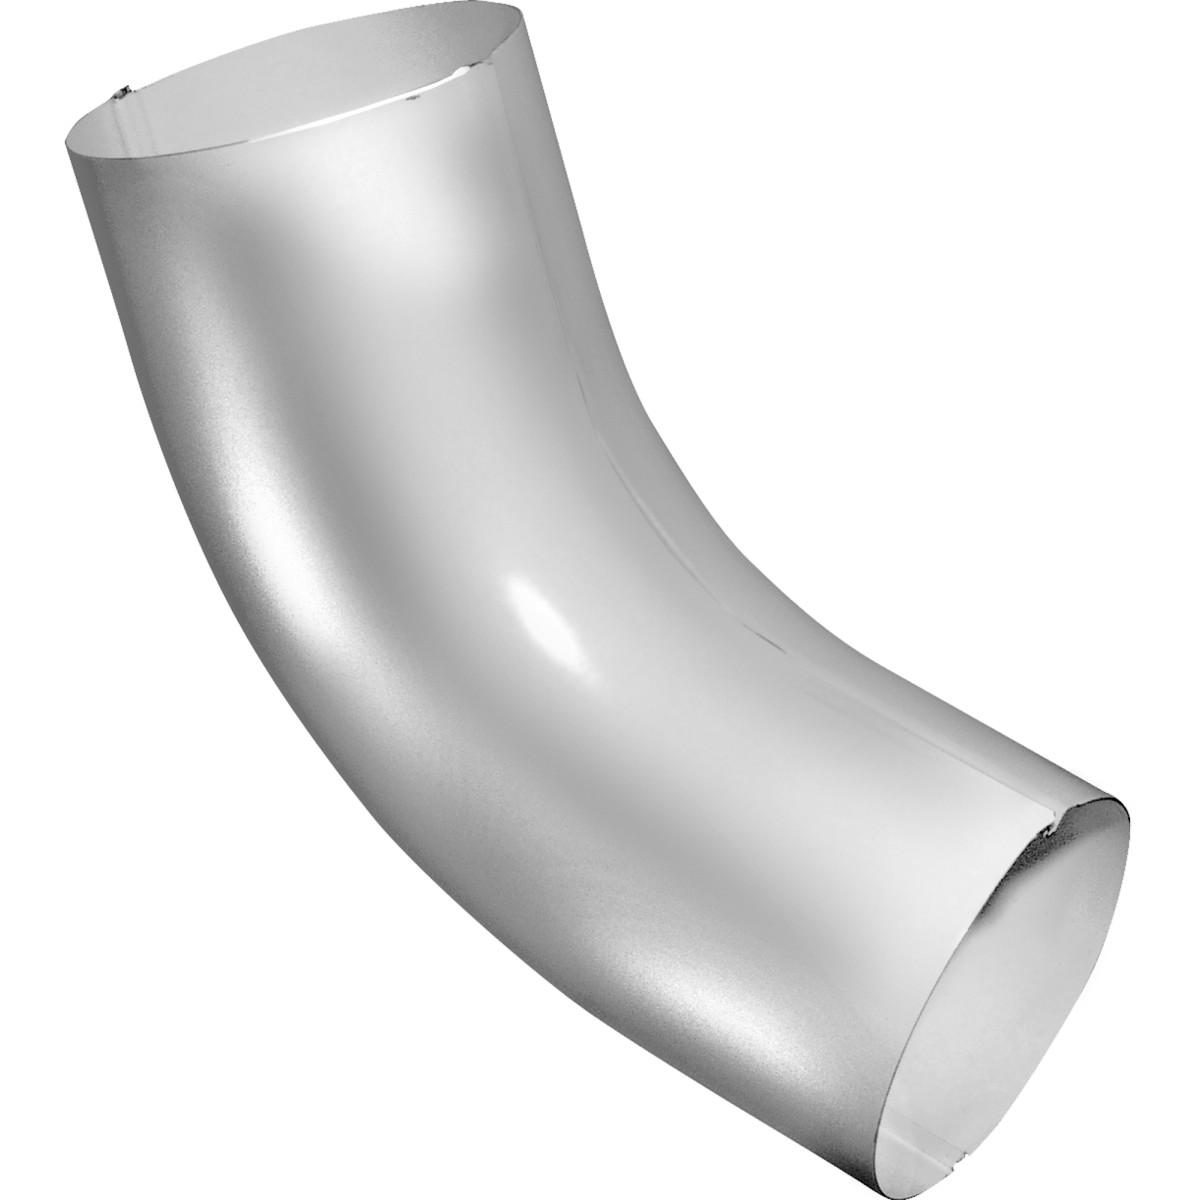 Колено трубы 60° 90 мм цвет сигнальный белый